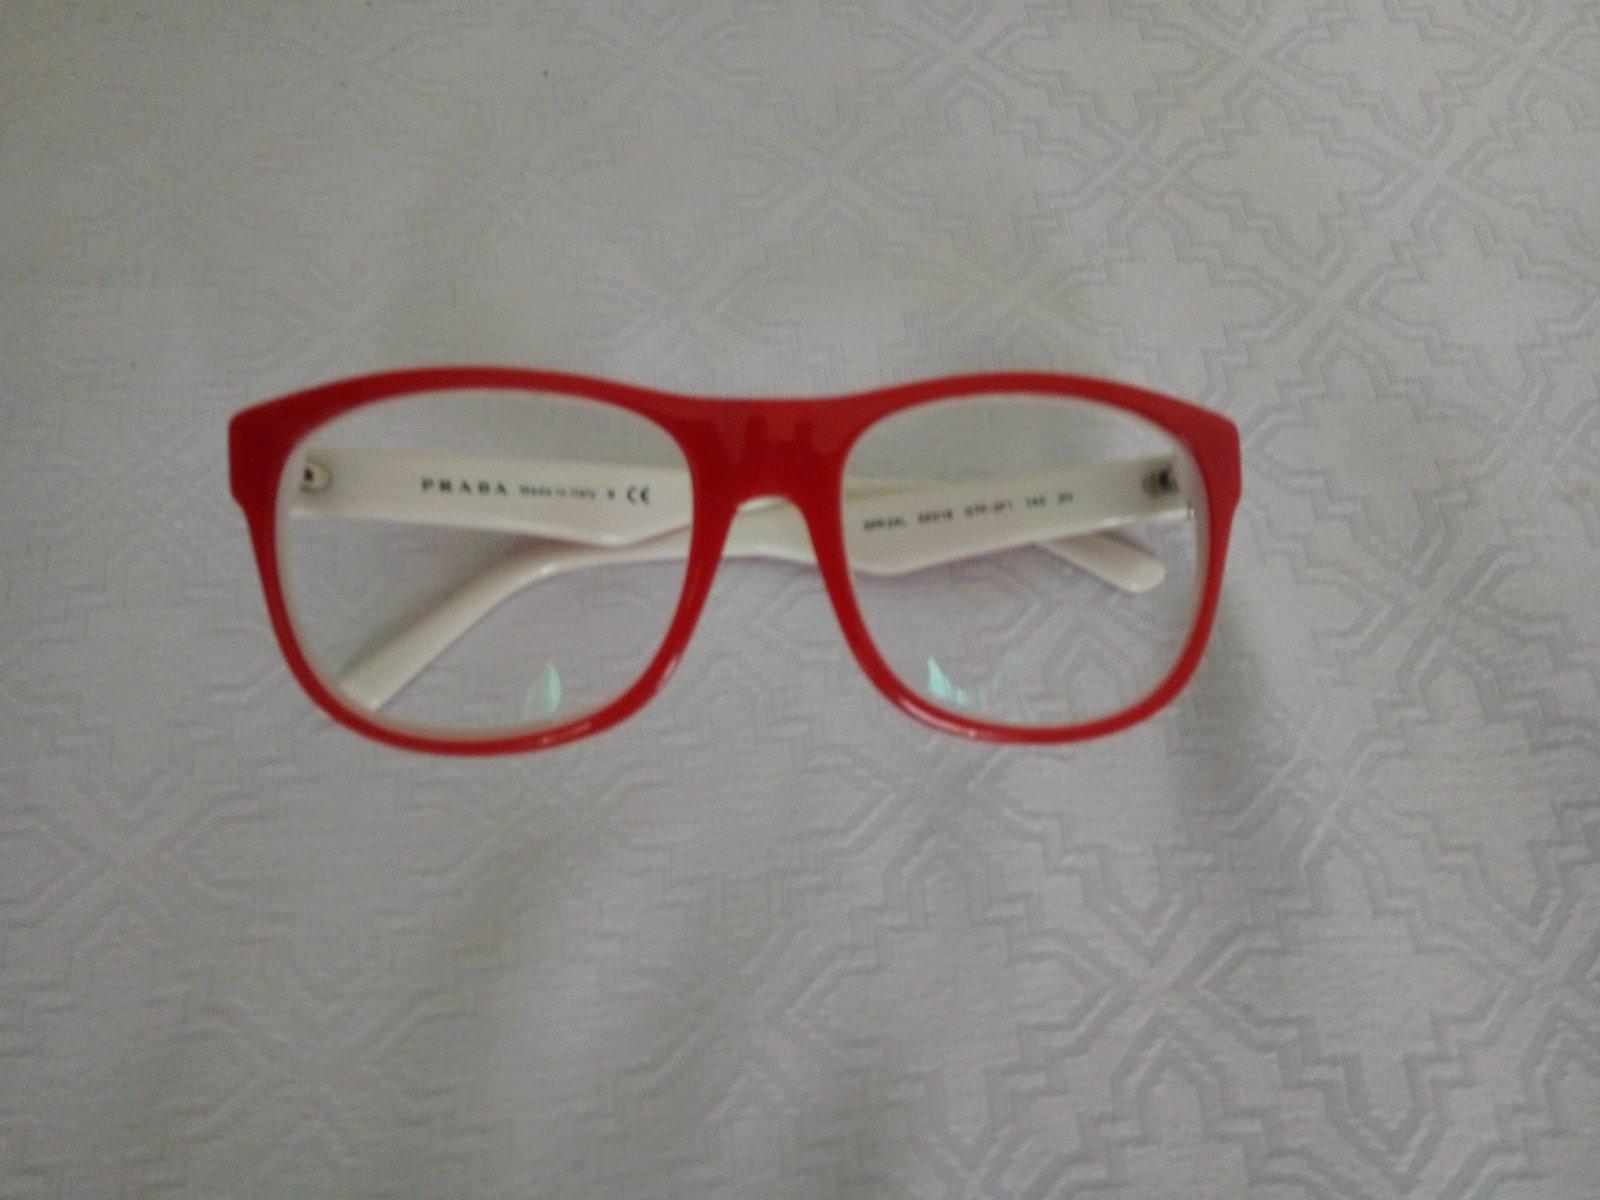 b0dbf2152 Prada originál dioptrické okuliare, - 50 € od predávajúcej sailes   Detský  bazár   ModryKonik.sk